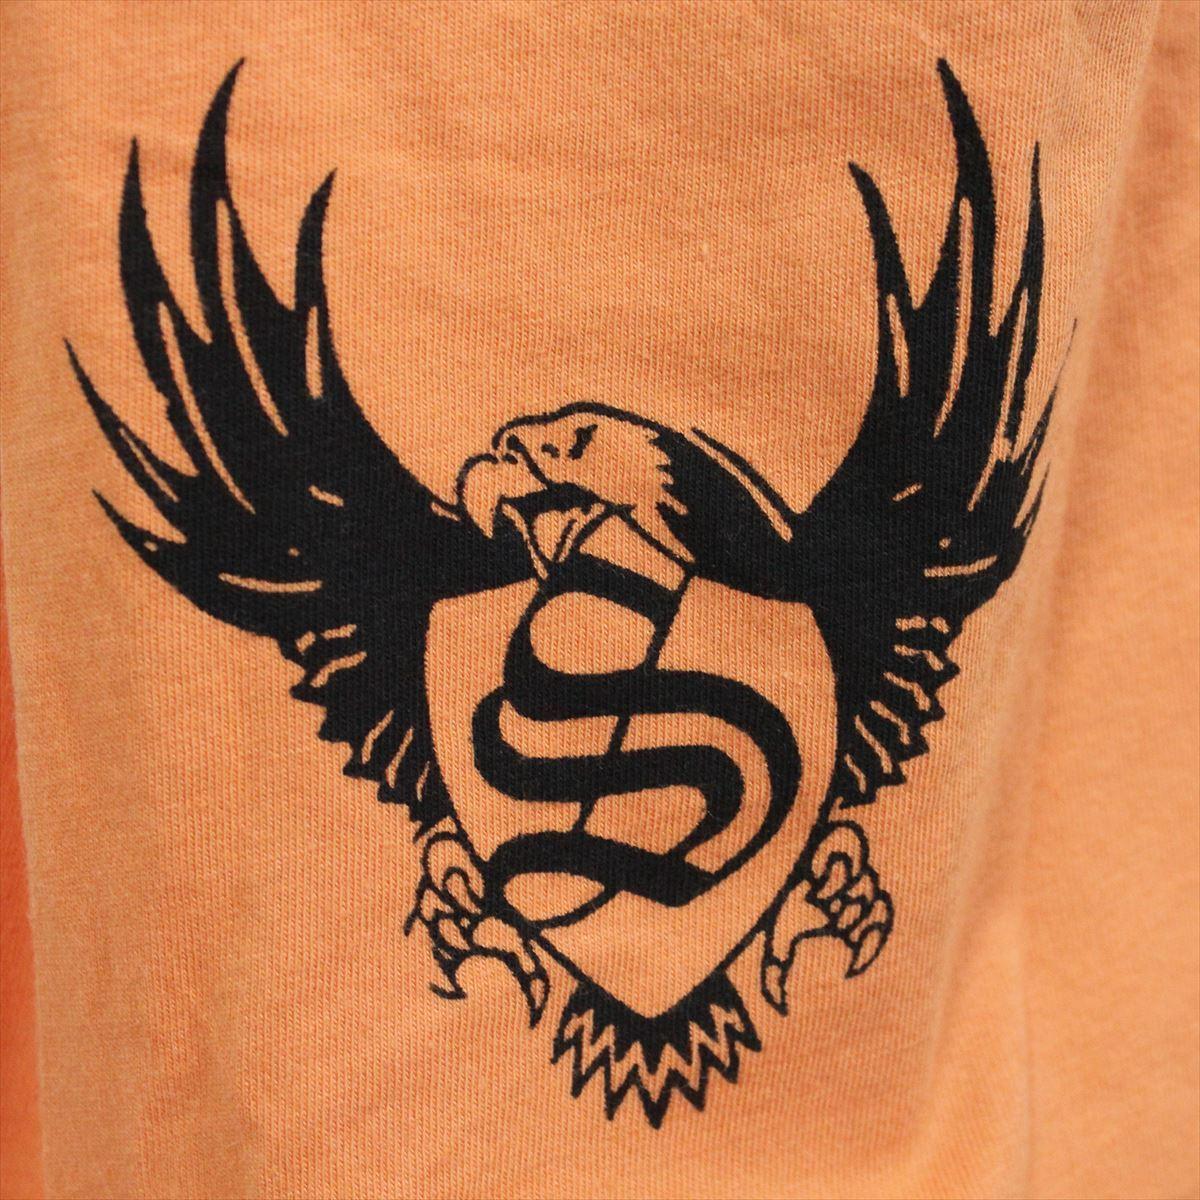 スメット SMET メンズ半袖Tシャツ オレンジ Lサイズ NO3 新品_画像4